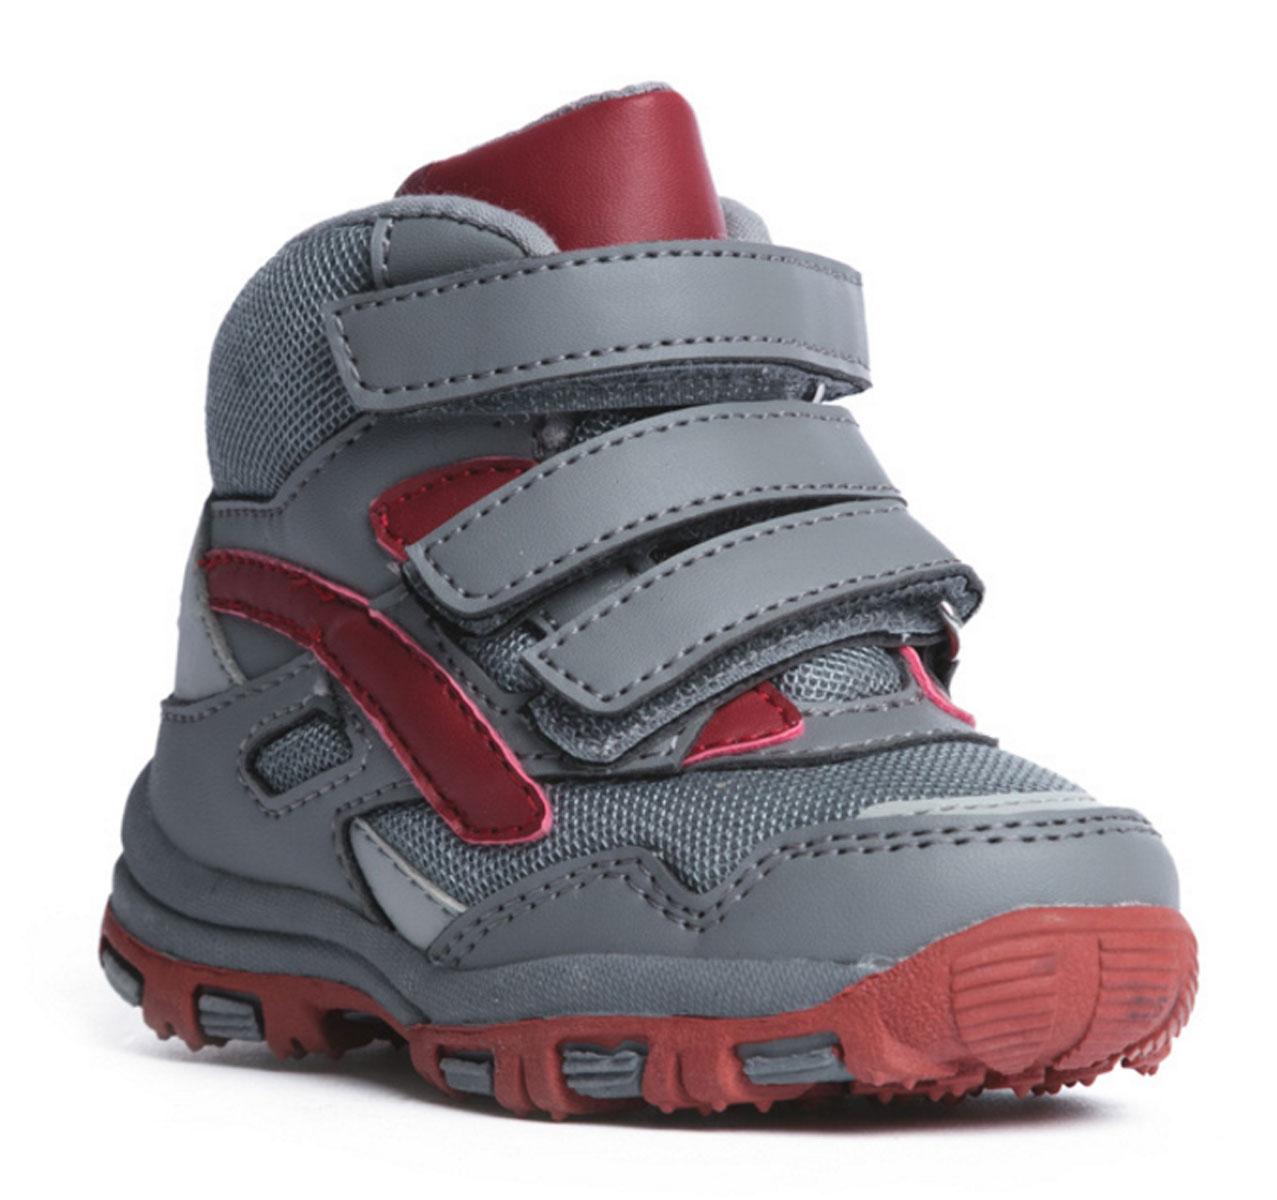 Ботинки177232Комфортные ботинки выполнены из современных материалов. Ортопедическая высокая пятка с мягким кантом по верху. Высокая гибкая подошва с рифлением обеспечивает оптимальный комфорт. Наполненная носочная часть правильно формирует стопу. Застежки на липучках отлично фиксируют модель на ноге.